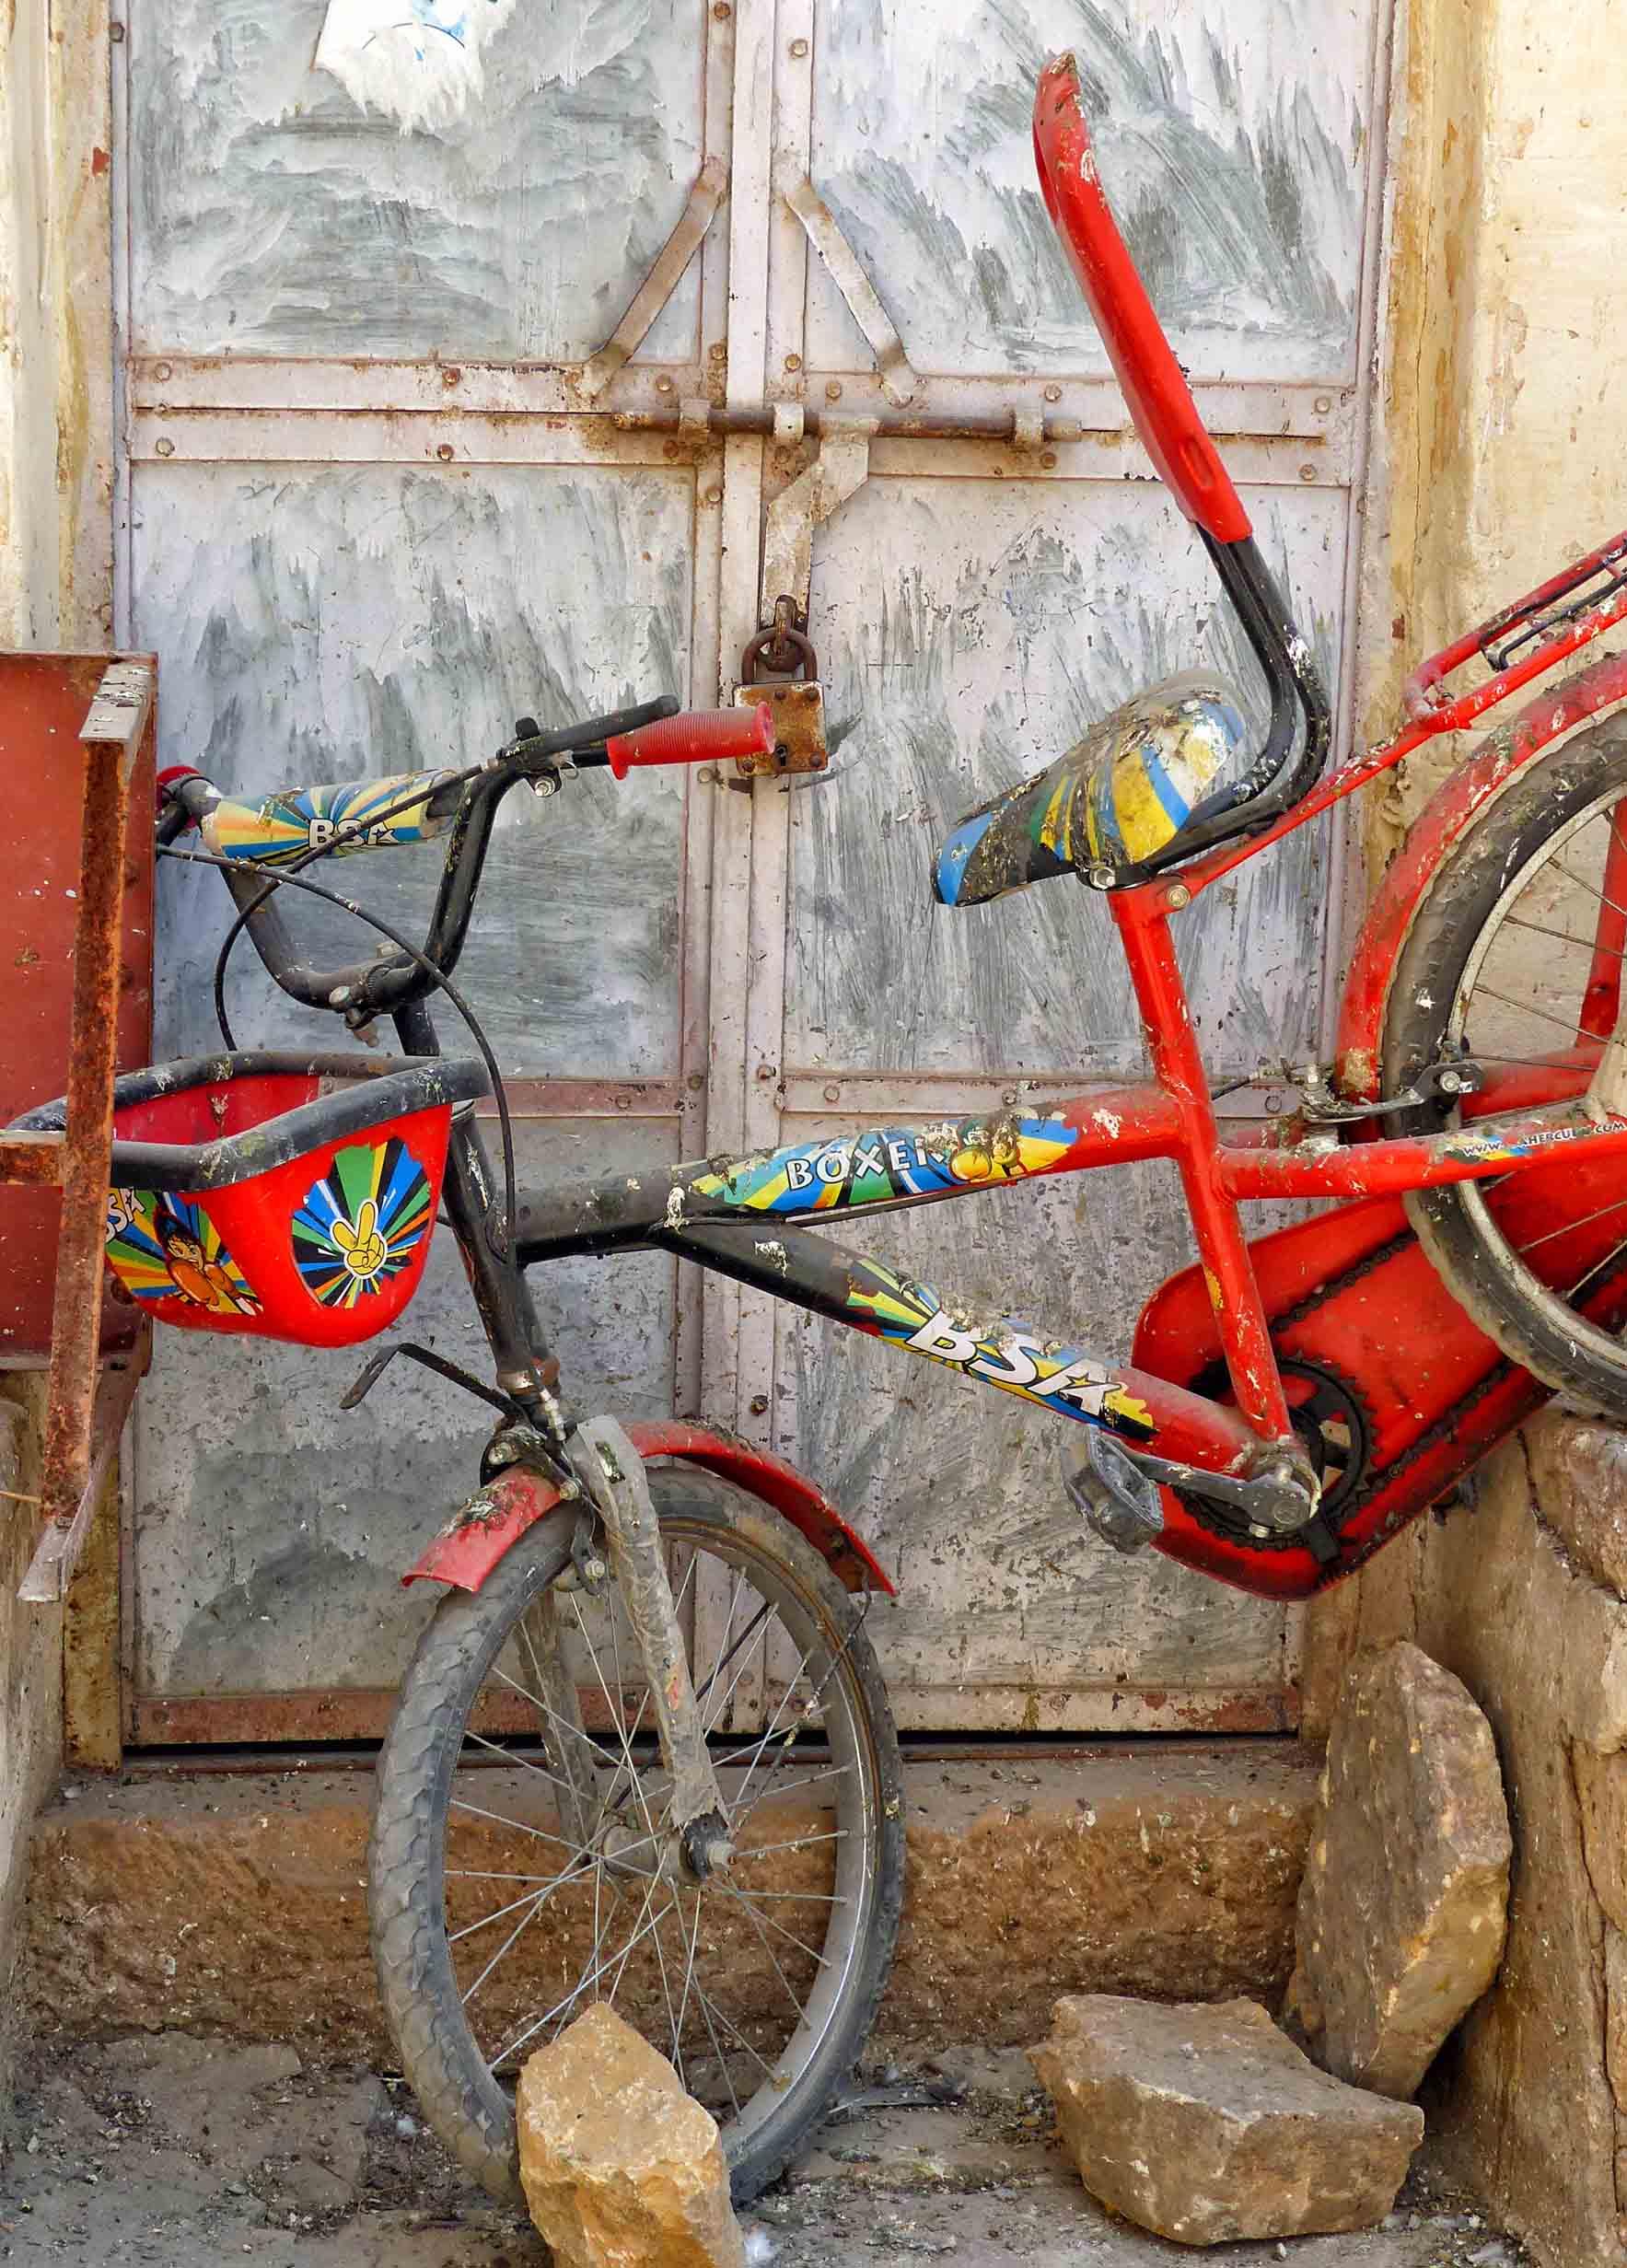 Brightly coloured bike in front of door